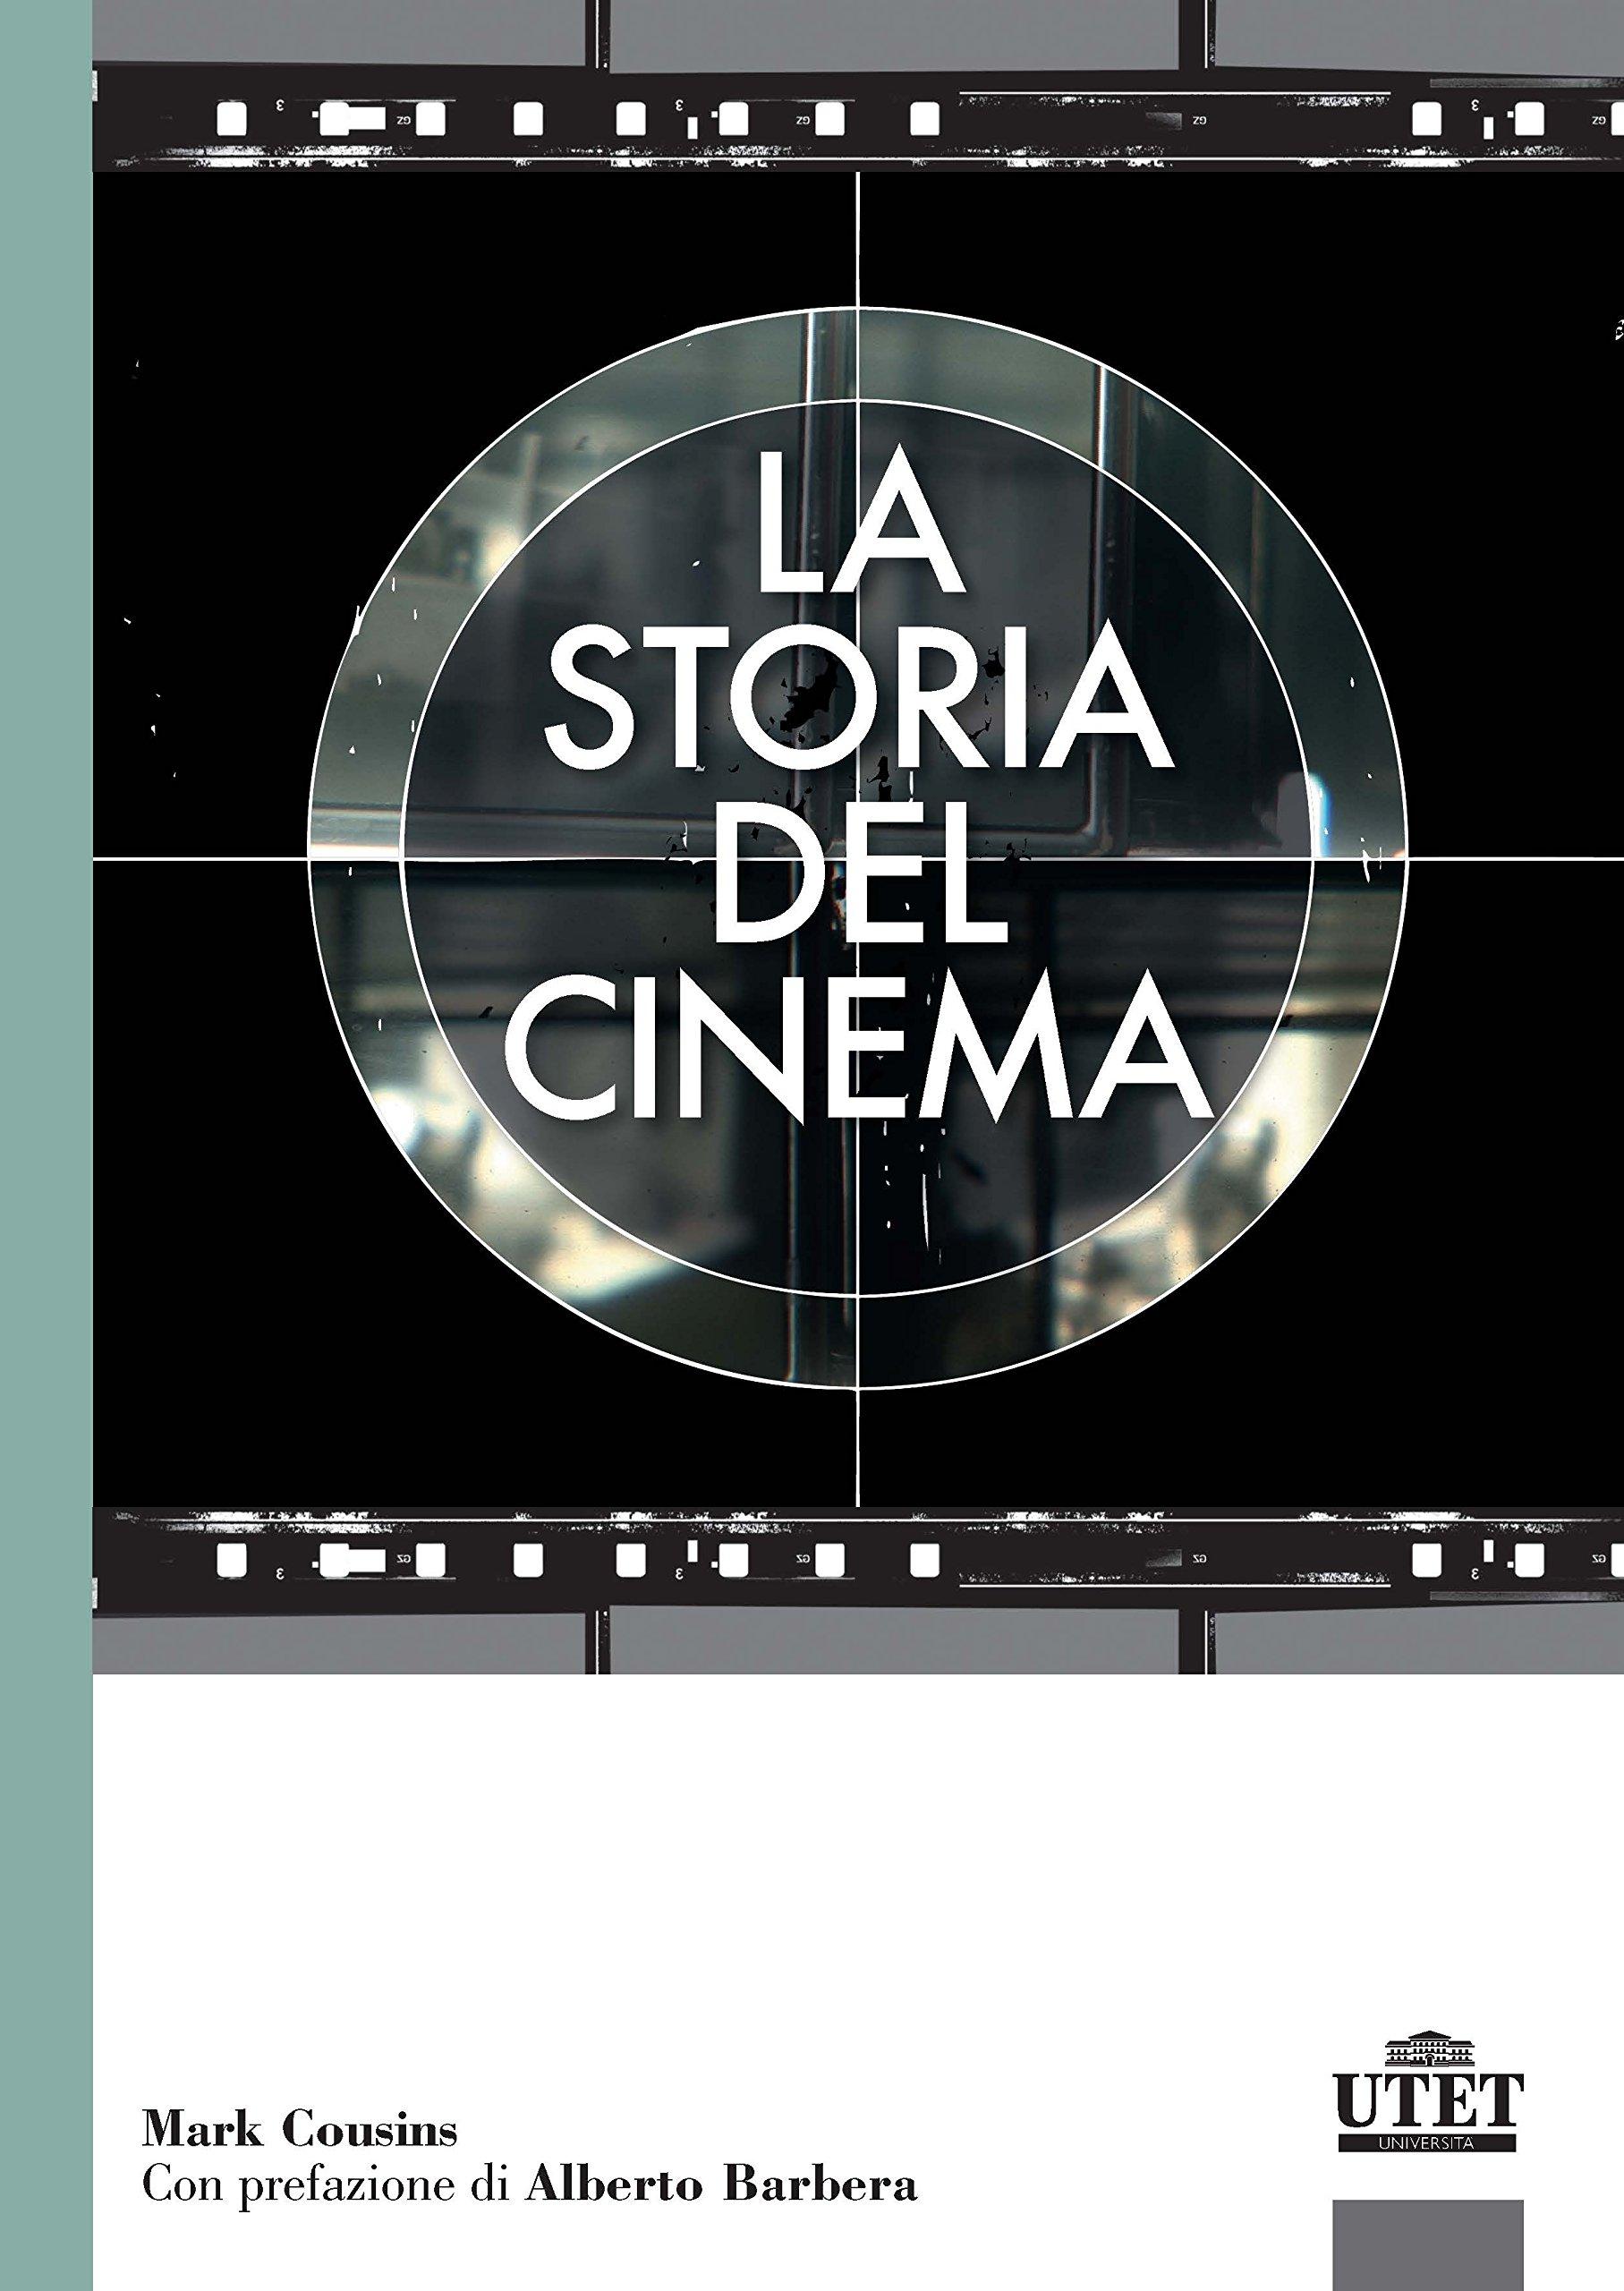 La storia del cinema Copertina flessibile – 27 nov 2017 Mark Cousins R. Fassone UTET Università 8860085179